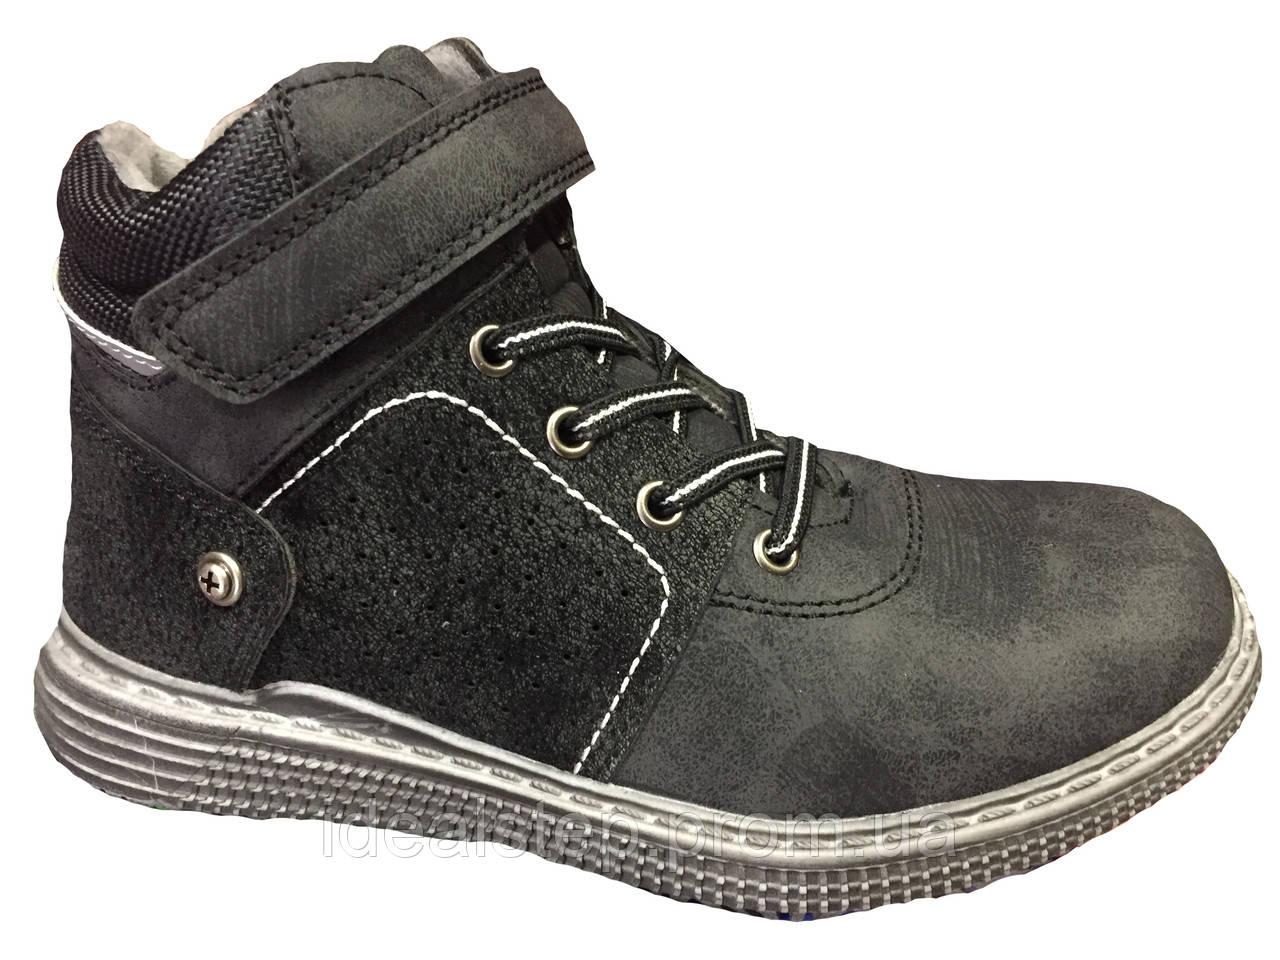 Ботинки для мальчика(демо),35,36, фото 1